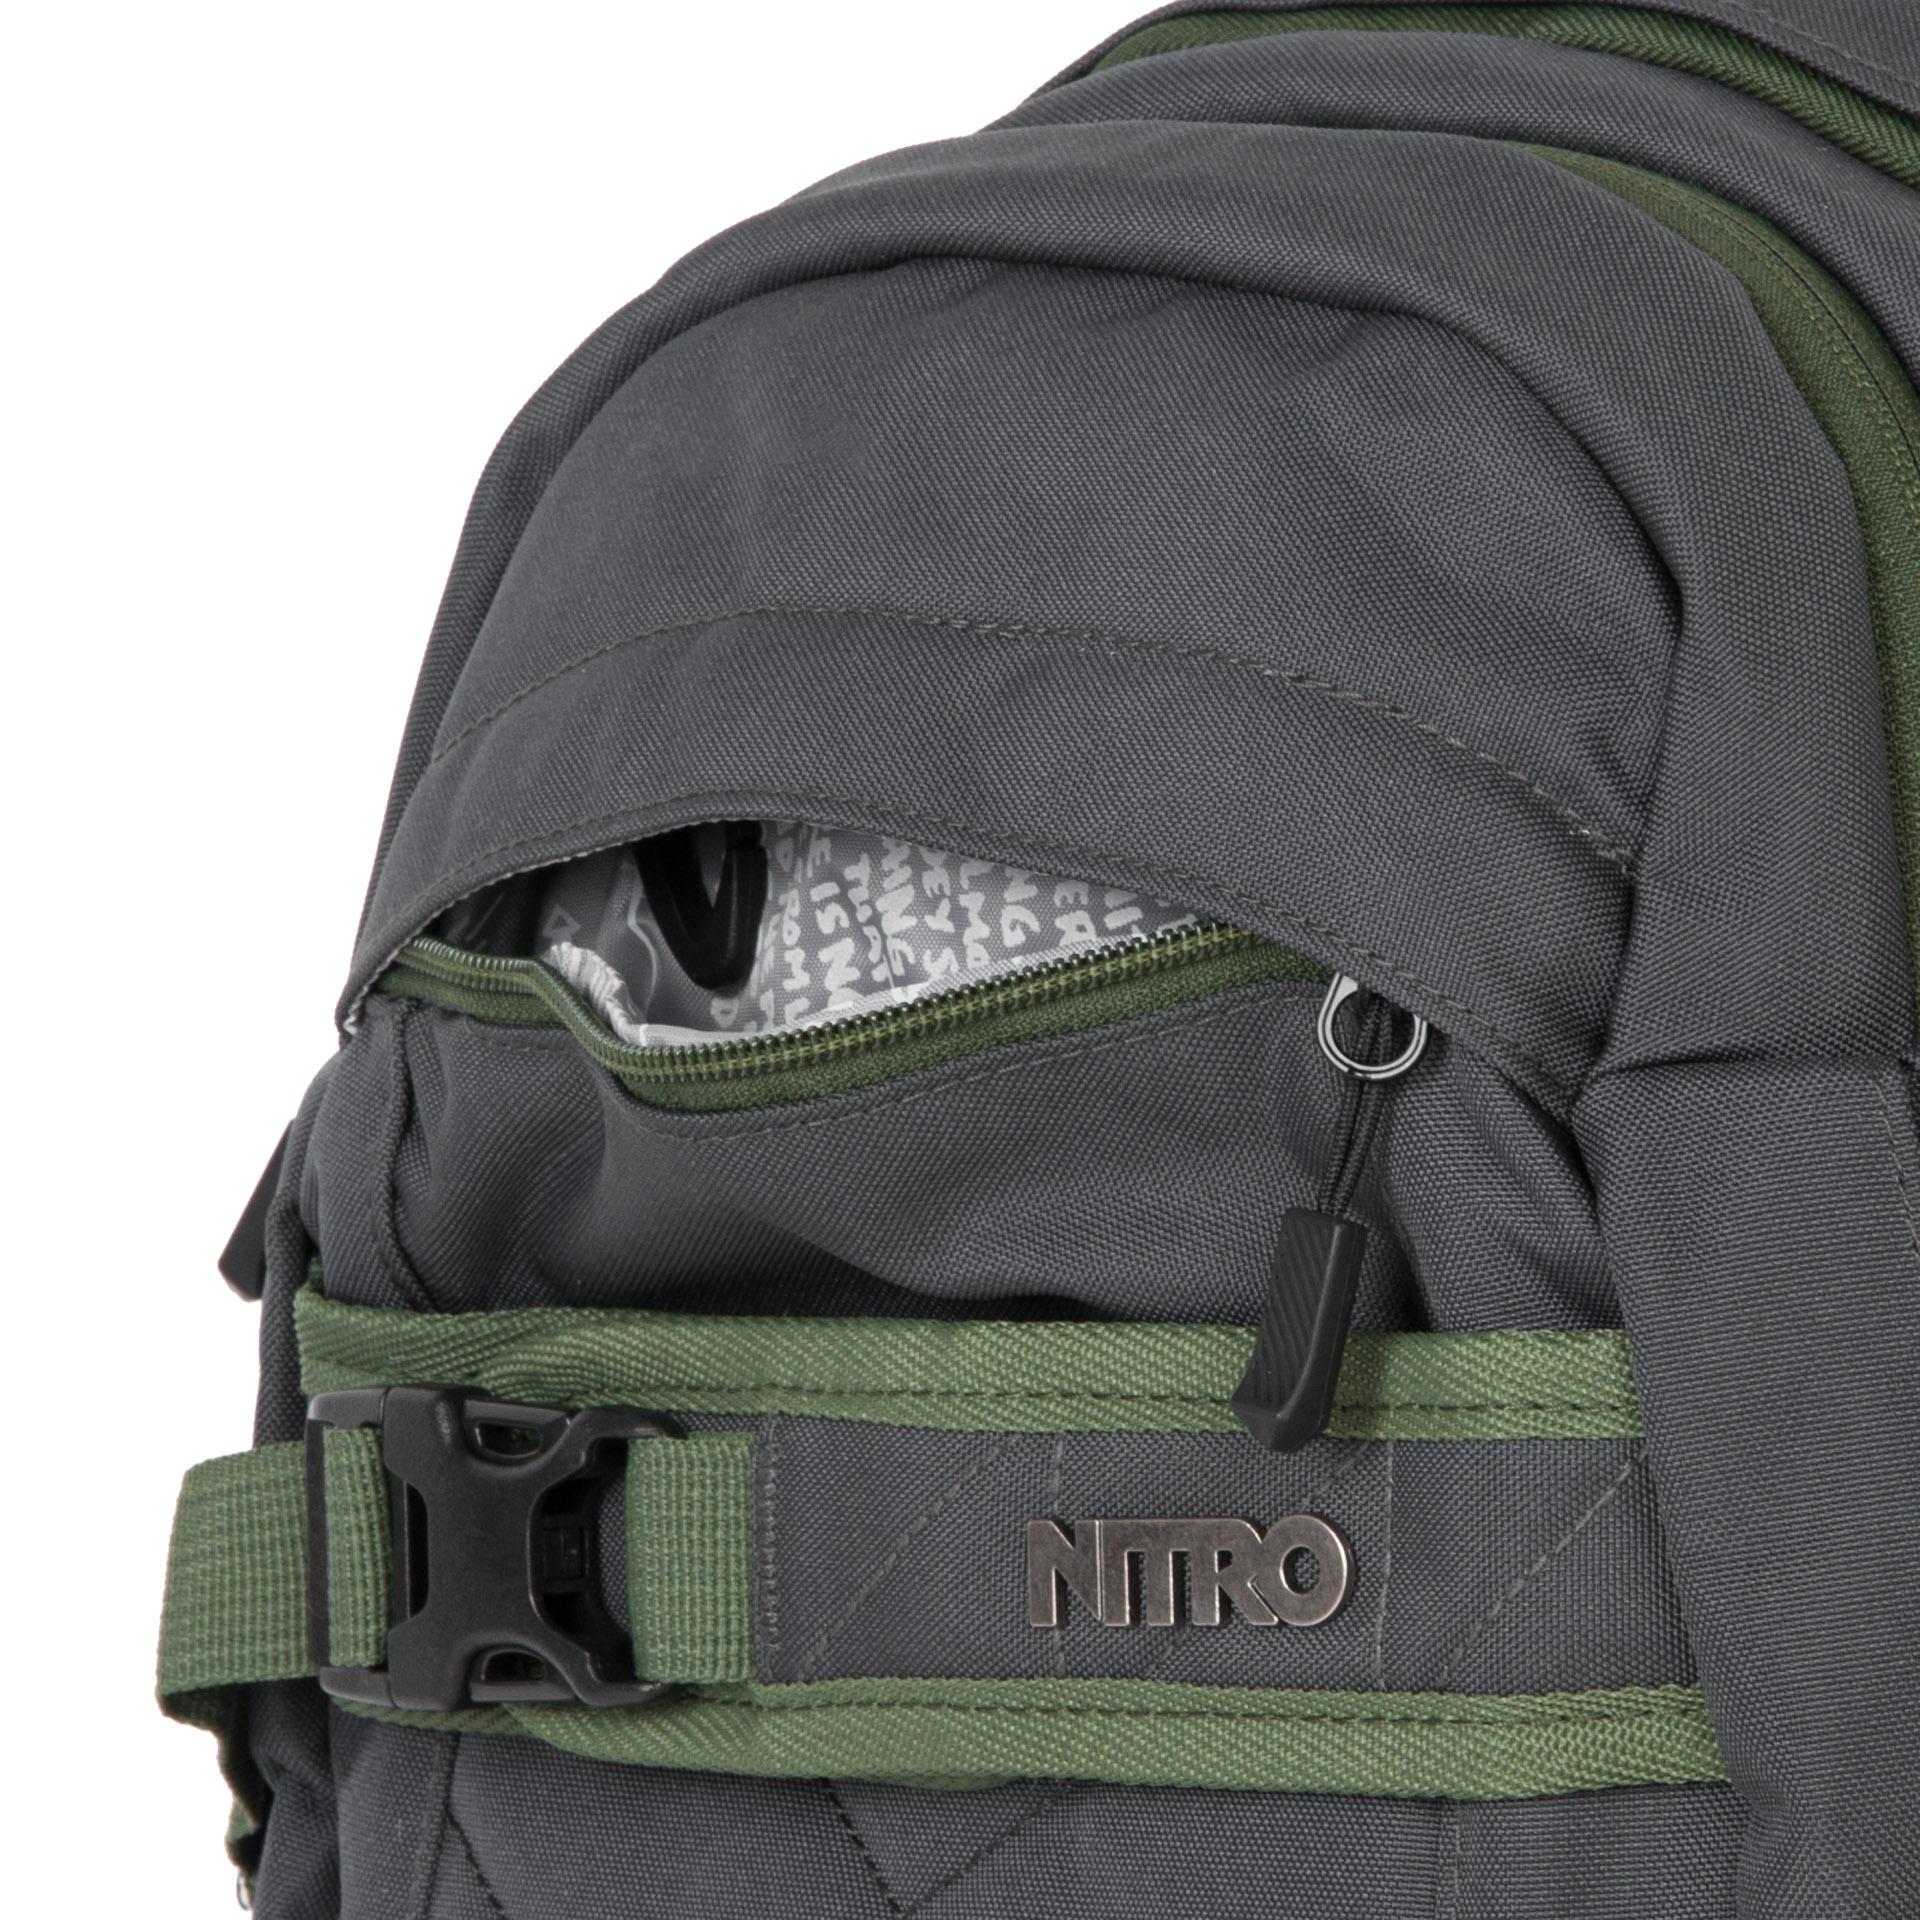 Nitro Aerial Pirate black Batoh Aerial je určený pre všetkých športových nadšencov.  - polstrované vrecko na notebook veľkosti 15